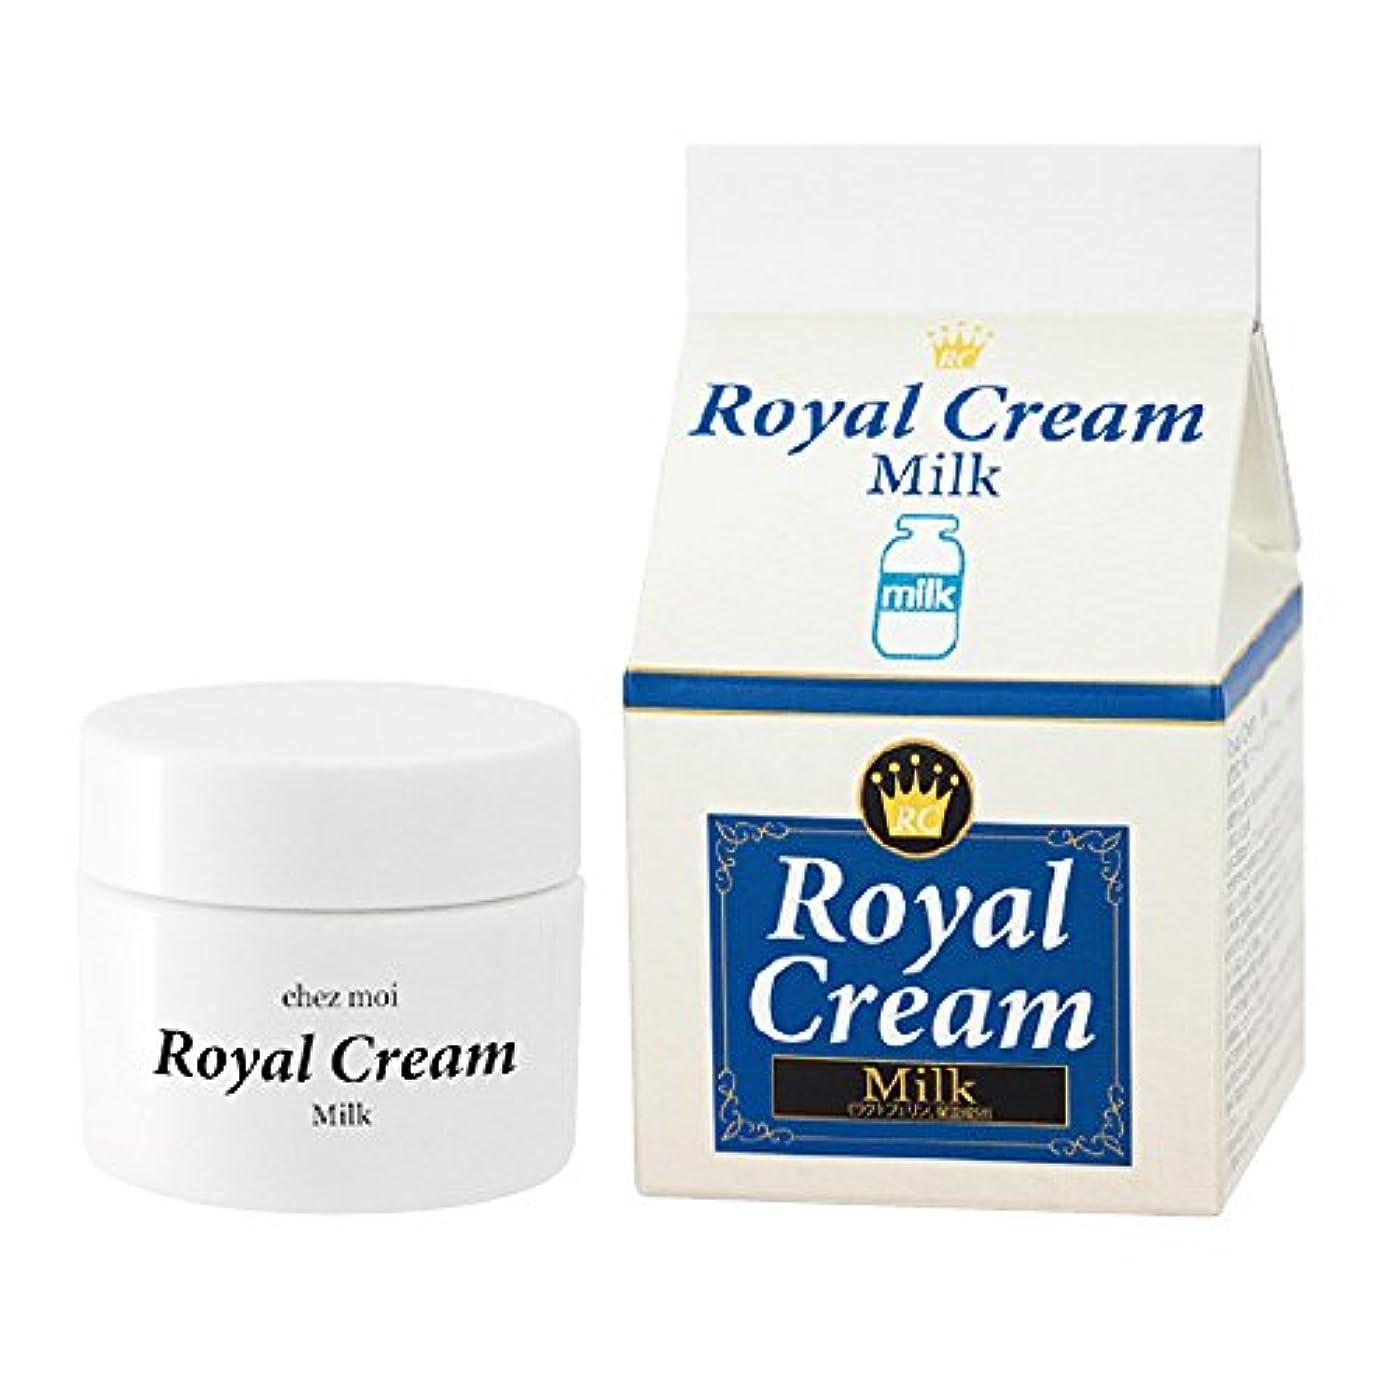 インシュレータ痛み晩餐Royal Cream(ロイヤルクリーム) Milk(ミルク) 30g